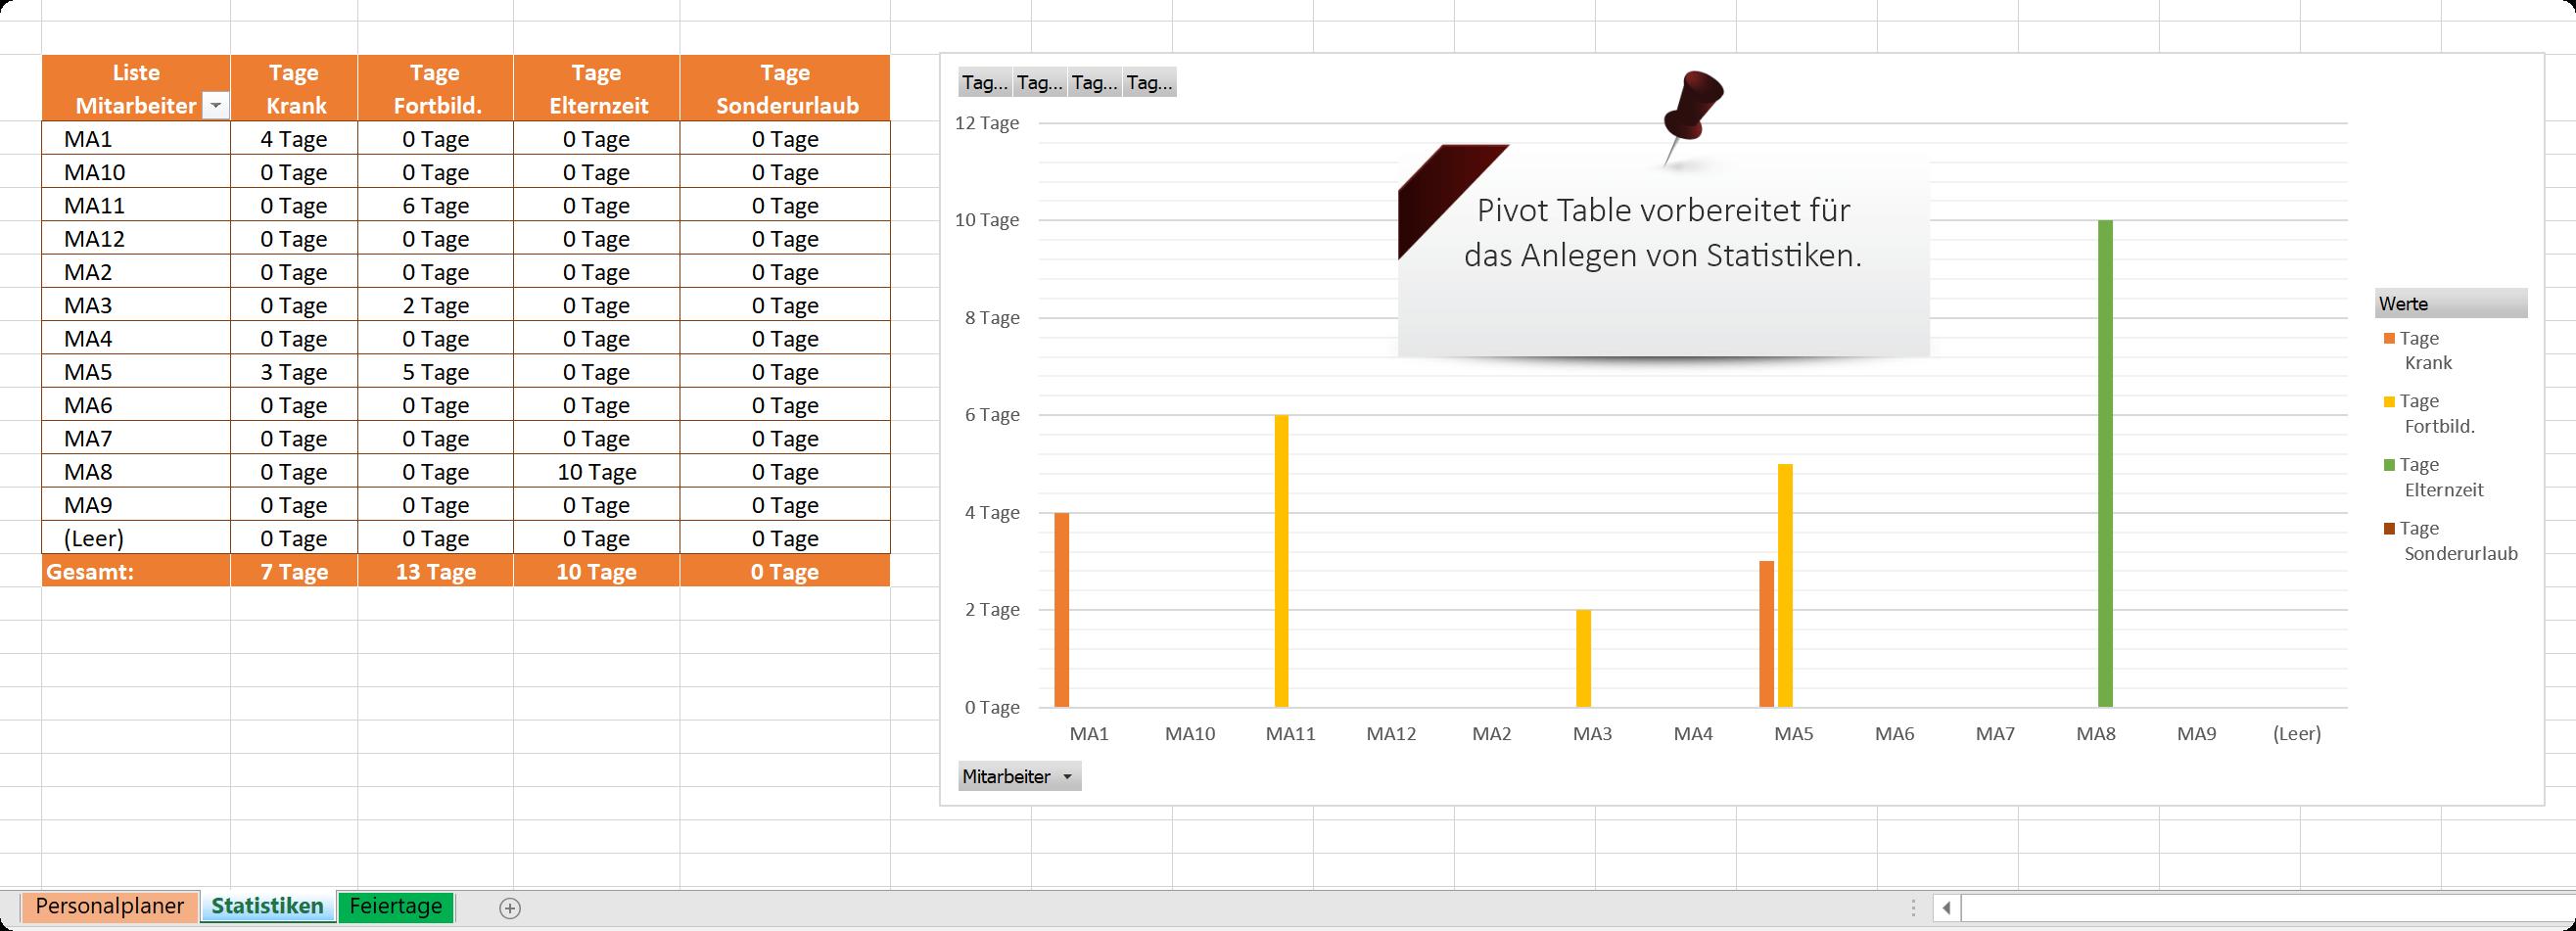 Excel Personalplaner 2021 - Funktionen Ansicht 4